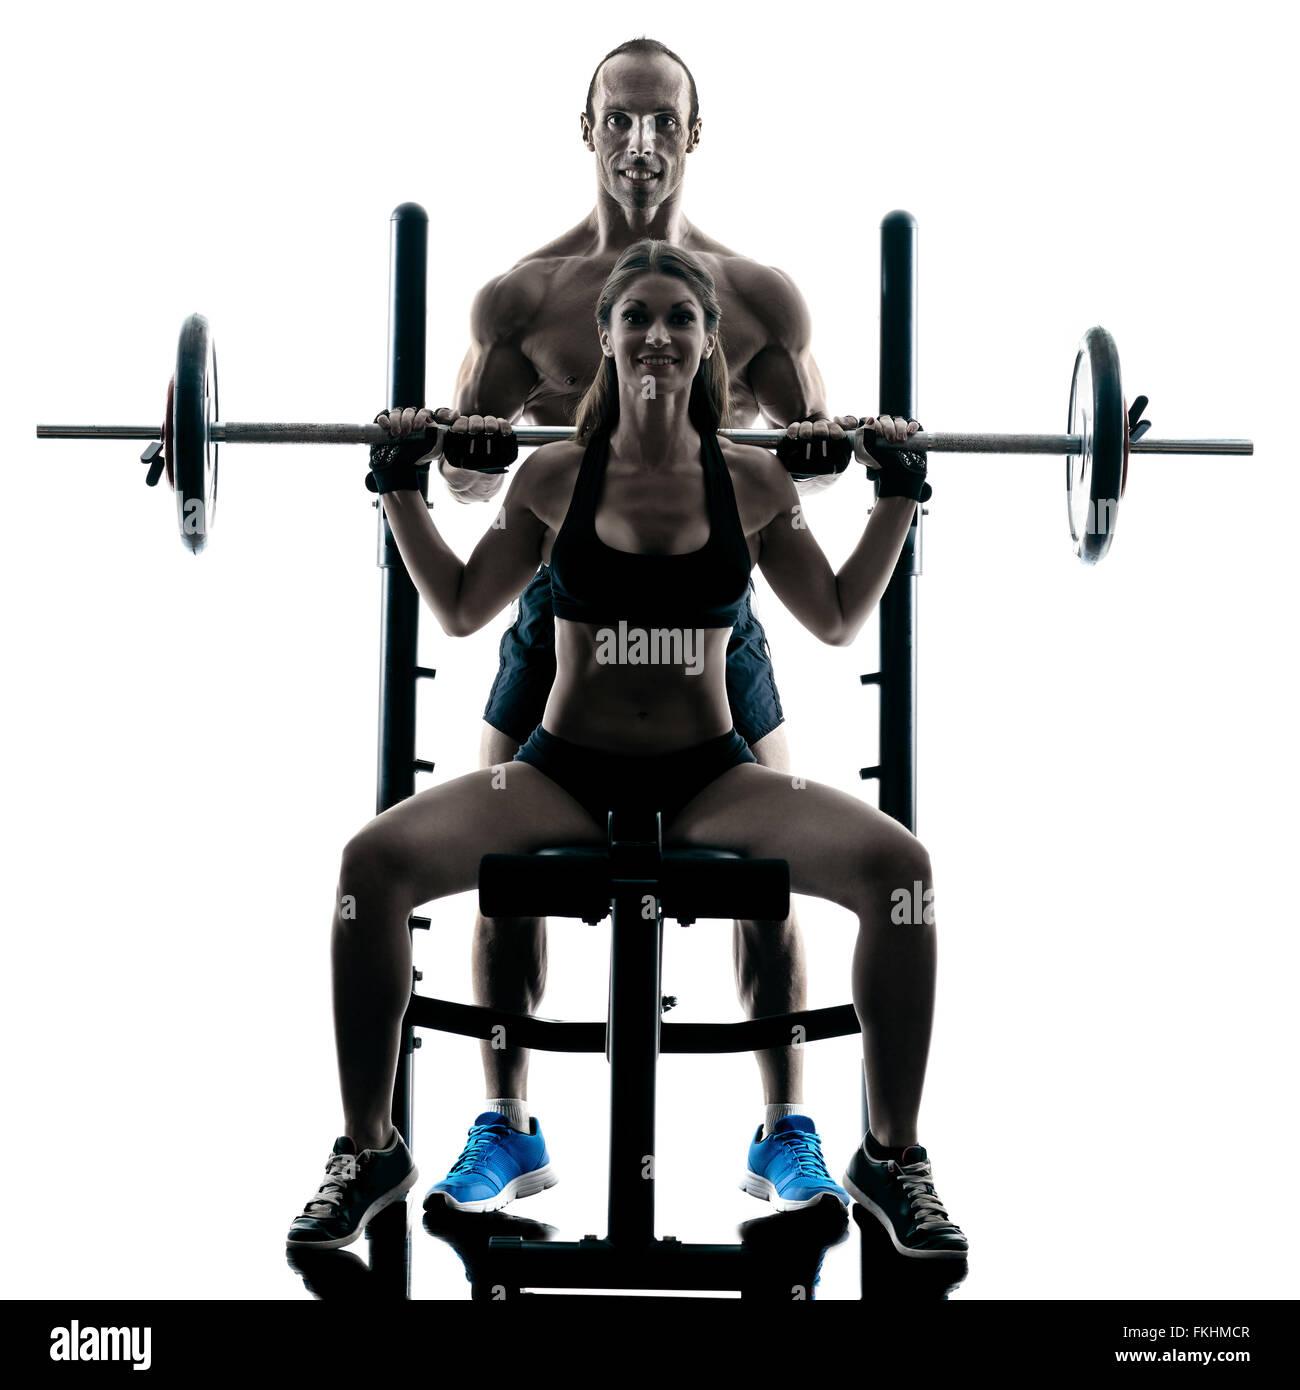 Una pareja caucásica ejercicio gimnasio body building ejercicios en studio en silueta aislado Imagen De Stock